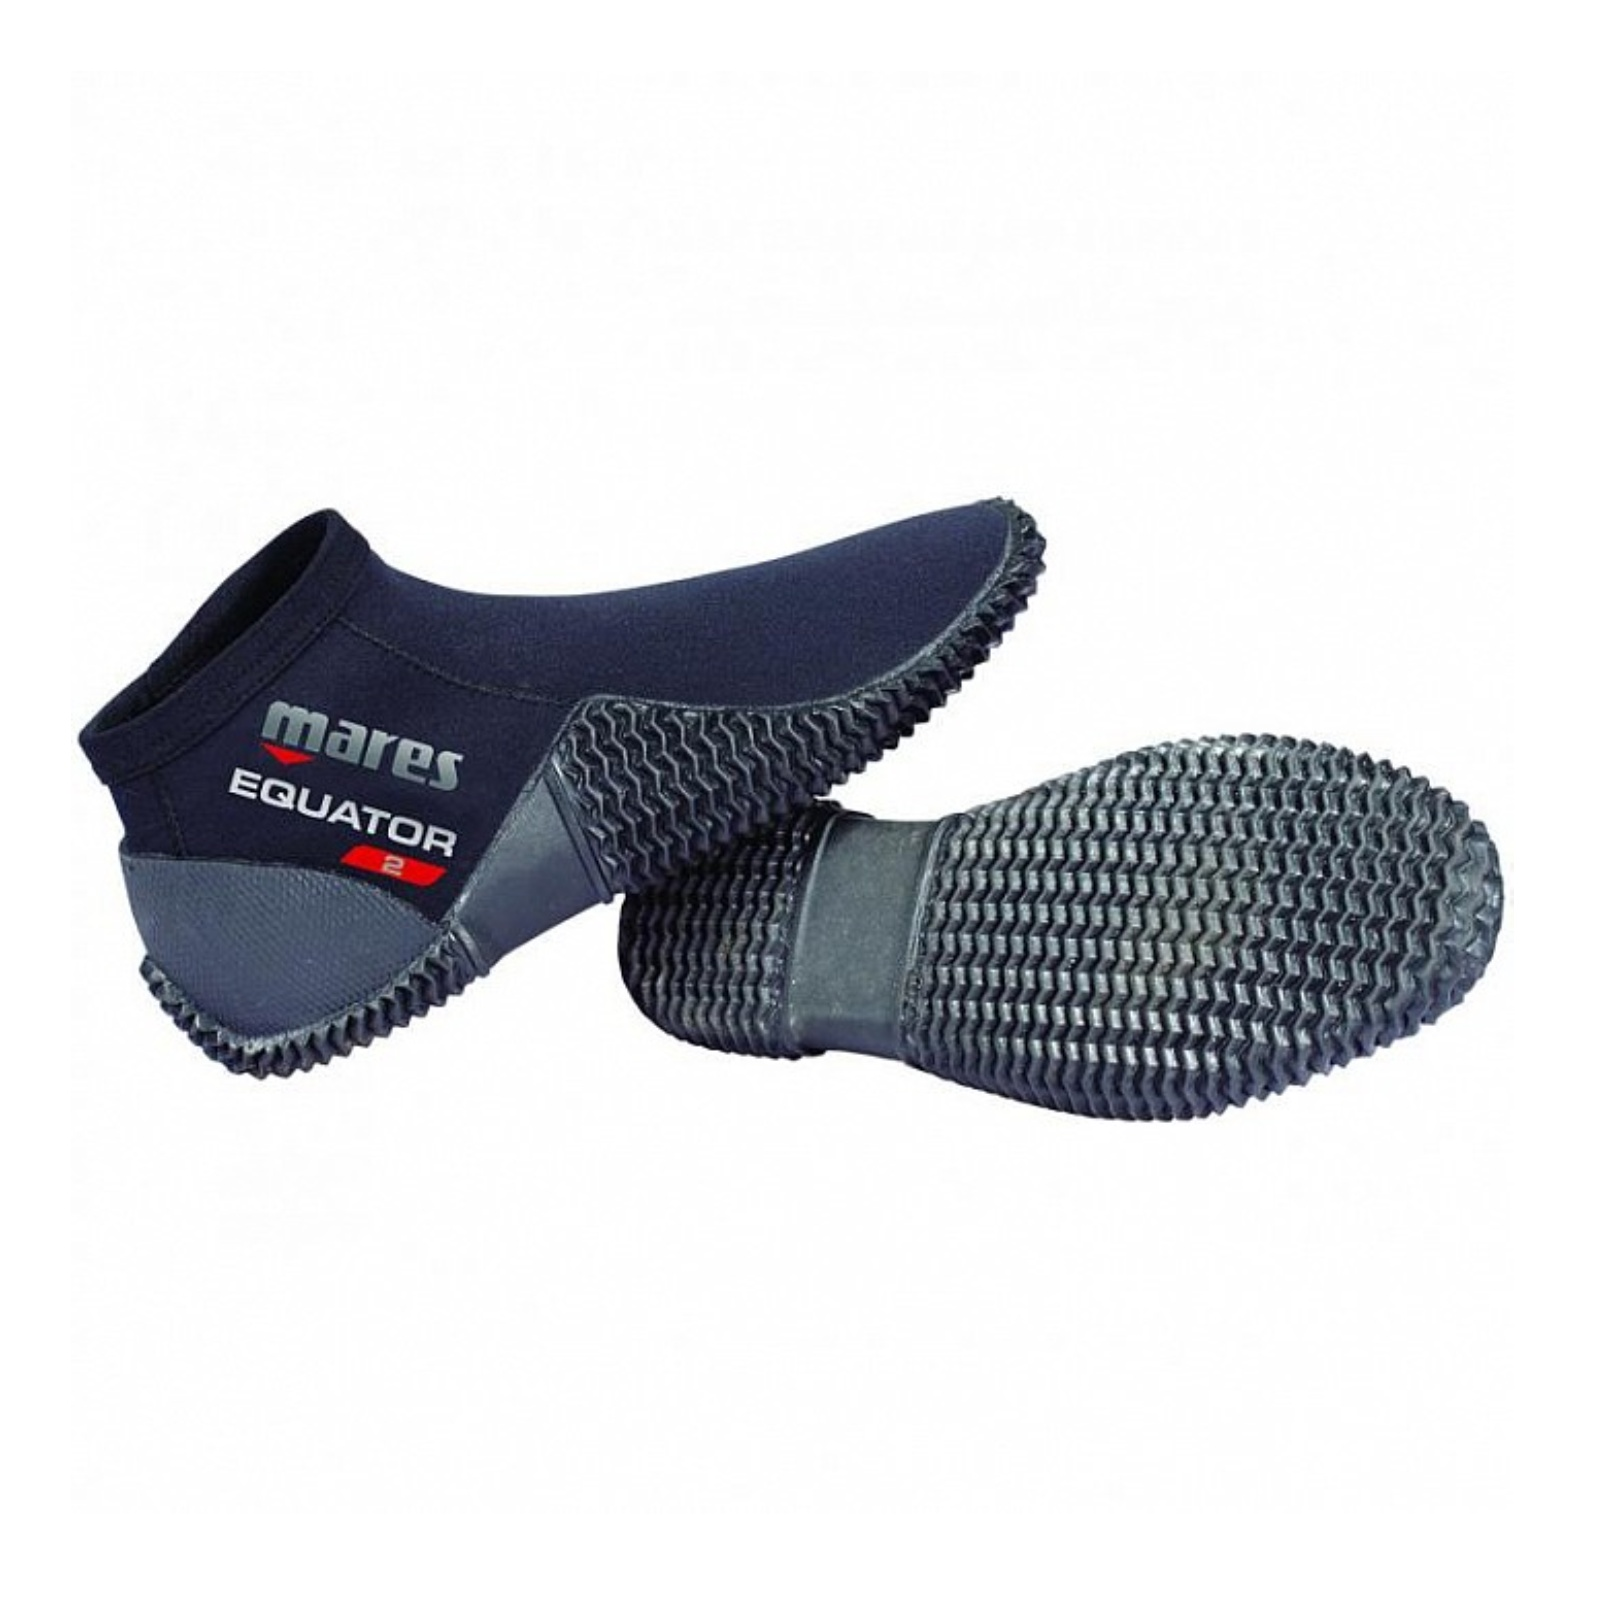 Neoprenové boty MARES Equator 2,5 mm - vel. 34-35